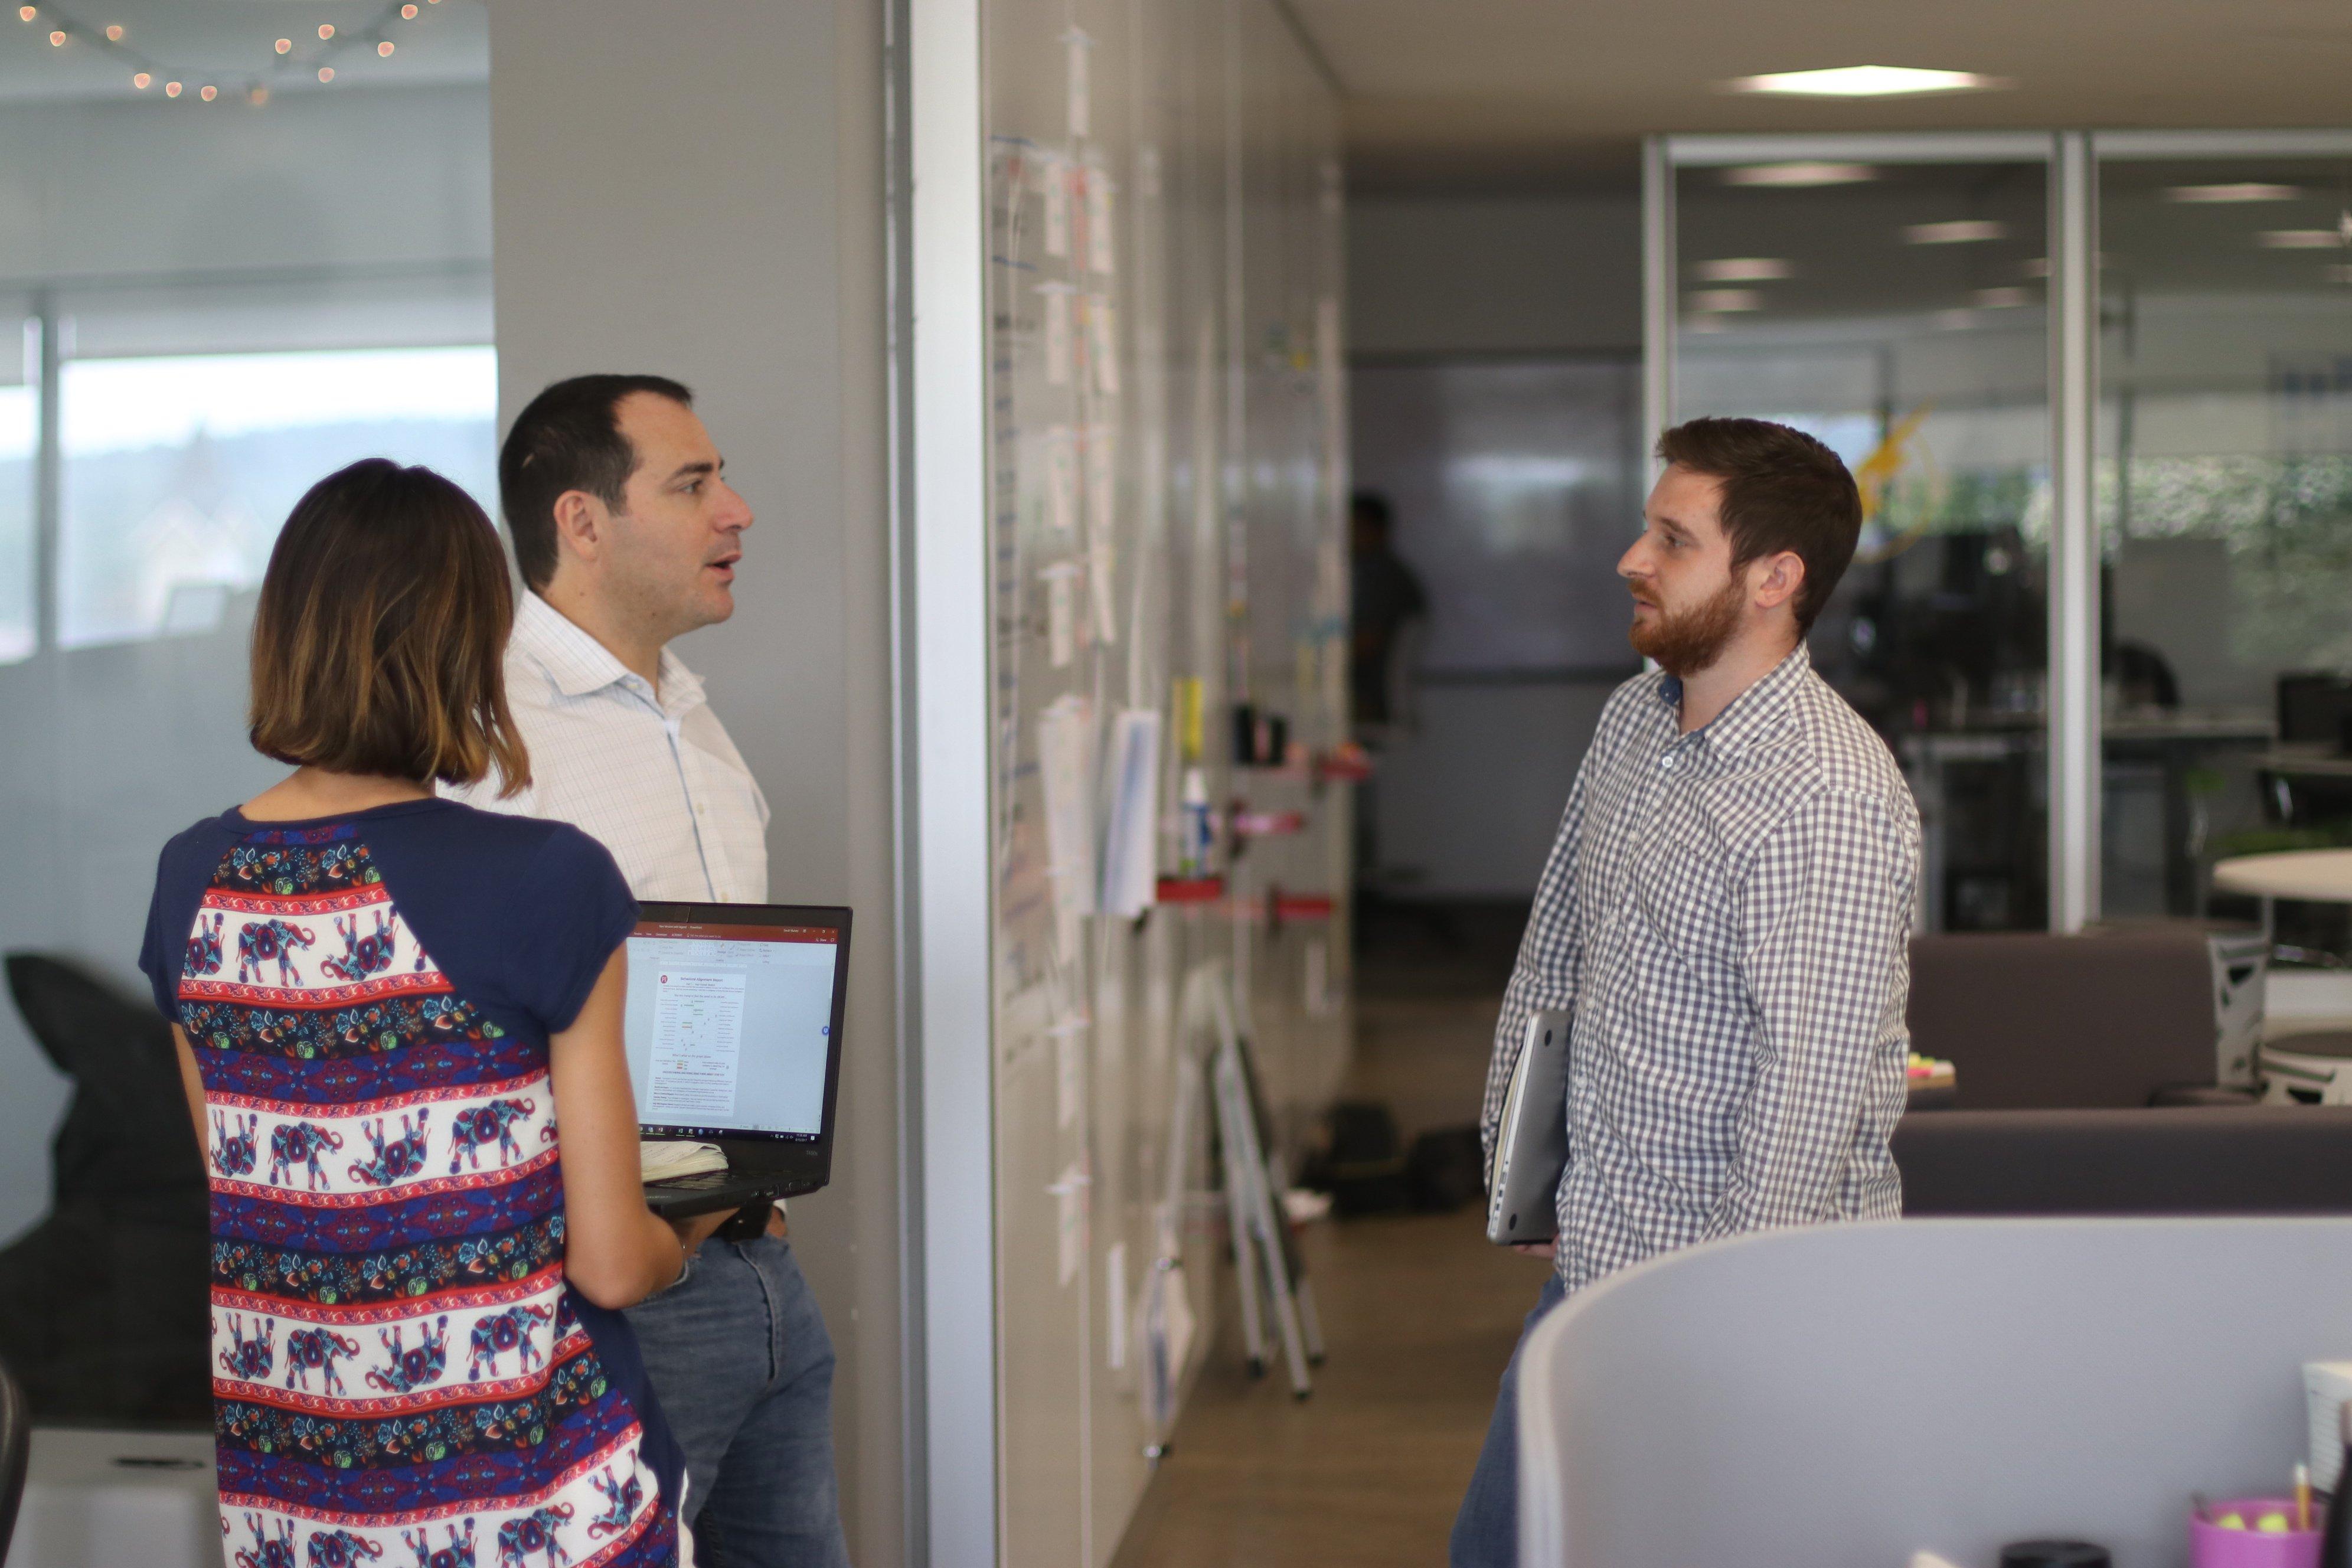 Steve-Greg-Sarah-chatting.jpg